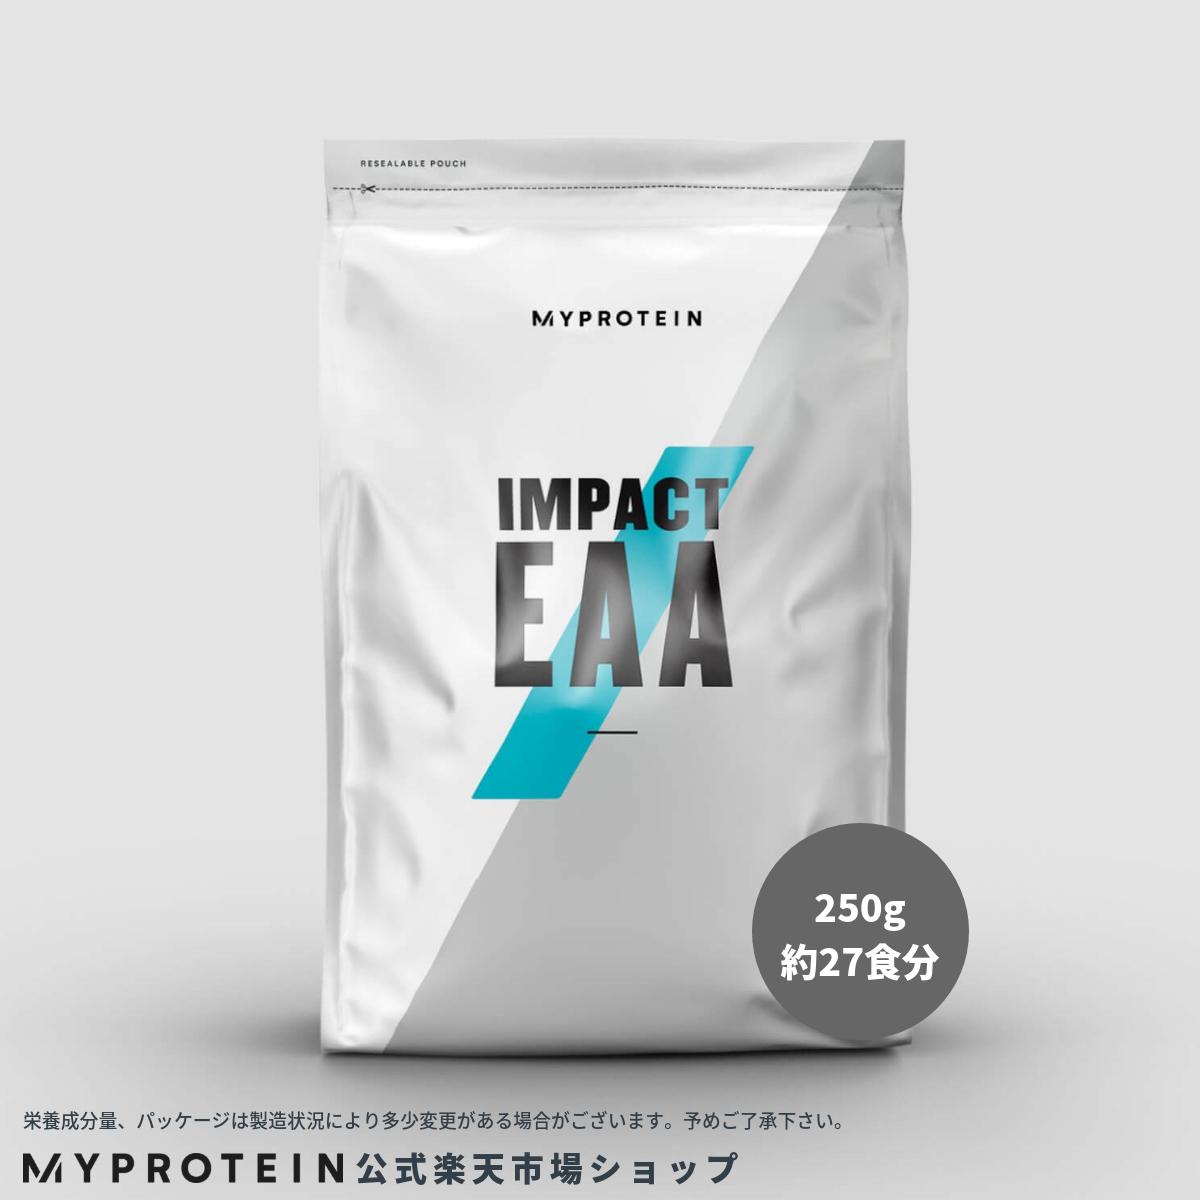 マイプロテイン 公式 【MyProtein】Impact EAA 250g 約27食分| サプリメント サプリ BCAA アミノ酸 あみの酸 バリン ロイシン イソロイシン 燃焼系 スポーツサプリ ダイエットサプリ【楽天海外直送】